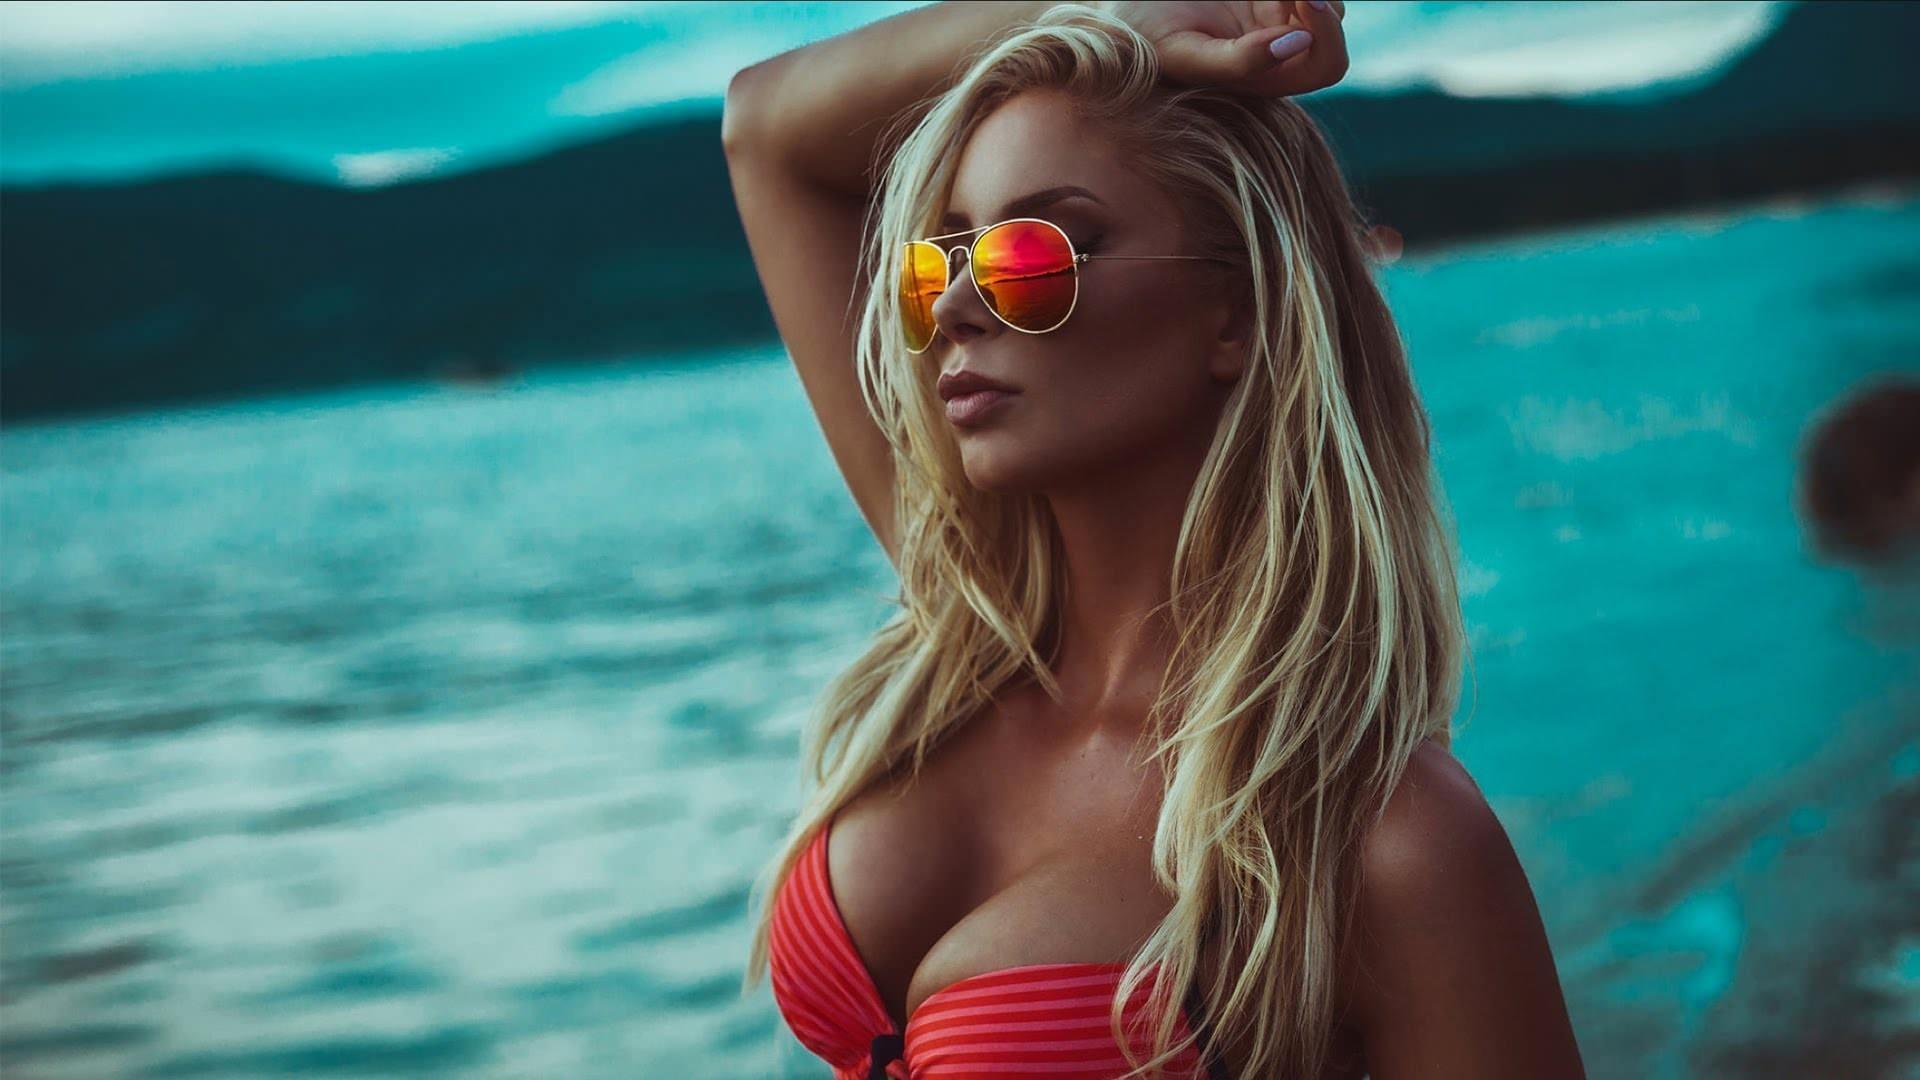 Фото Блондинка в красном бикини, упругая грудь, море, пляж, сумерки, очки, скачать картинку бесплатно